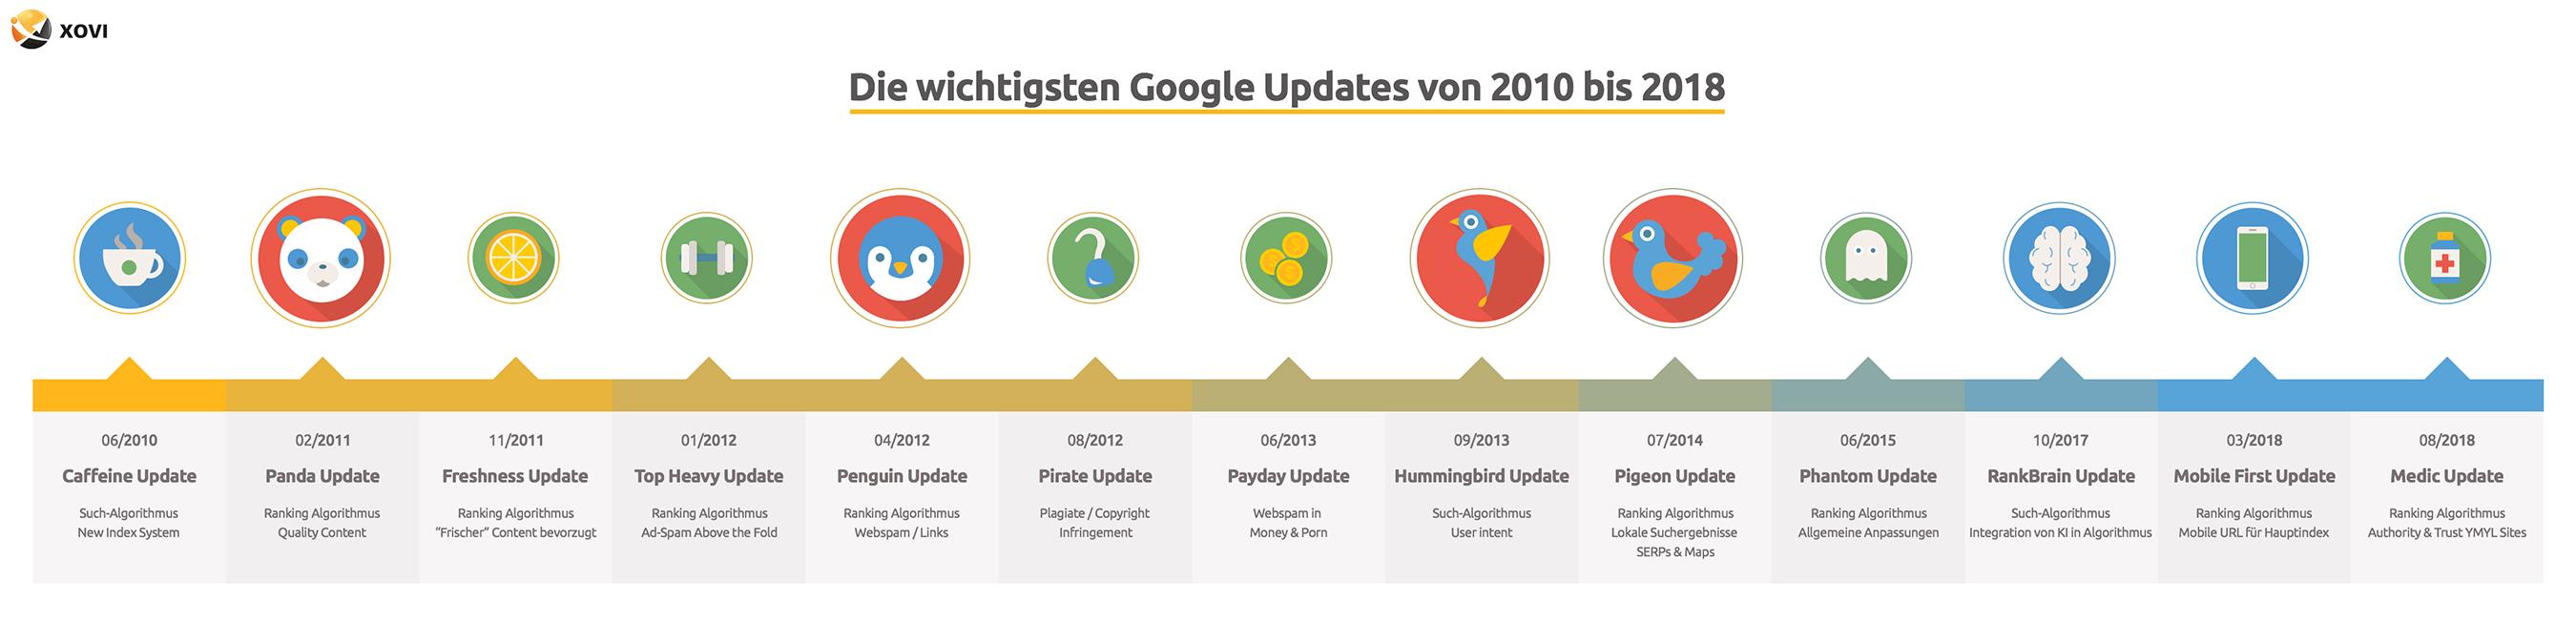 Timeline Google Updates 2010 bis 2018